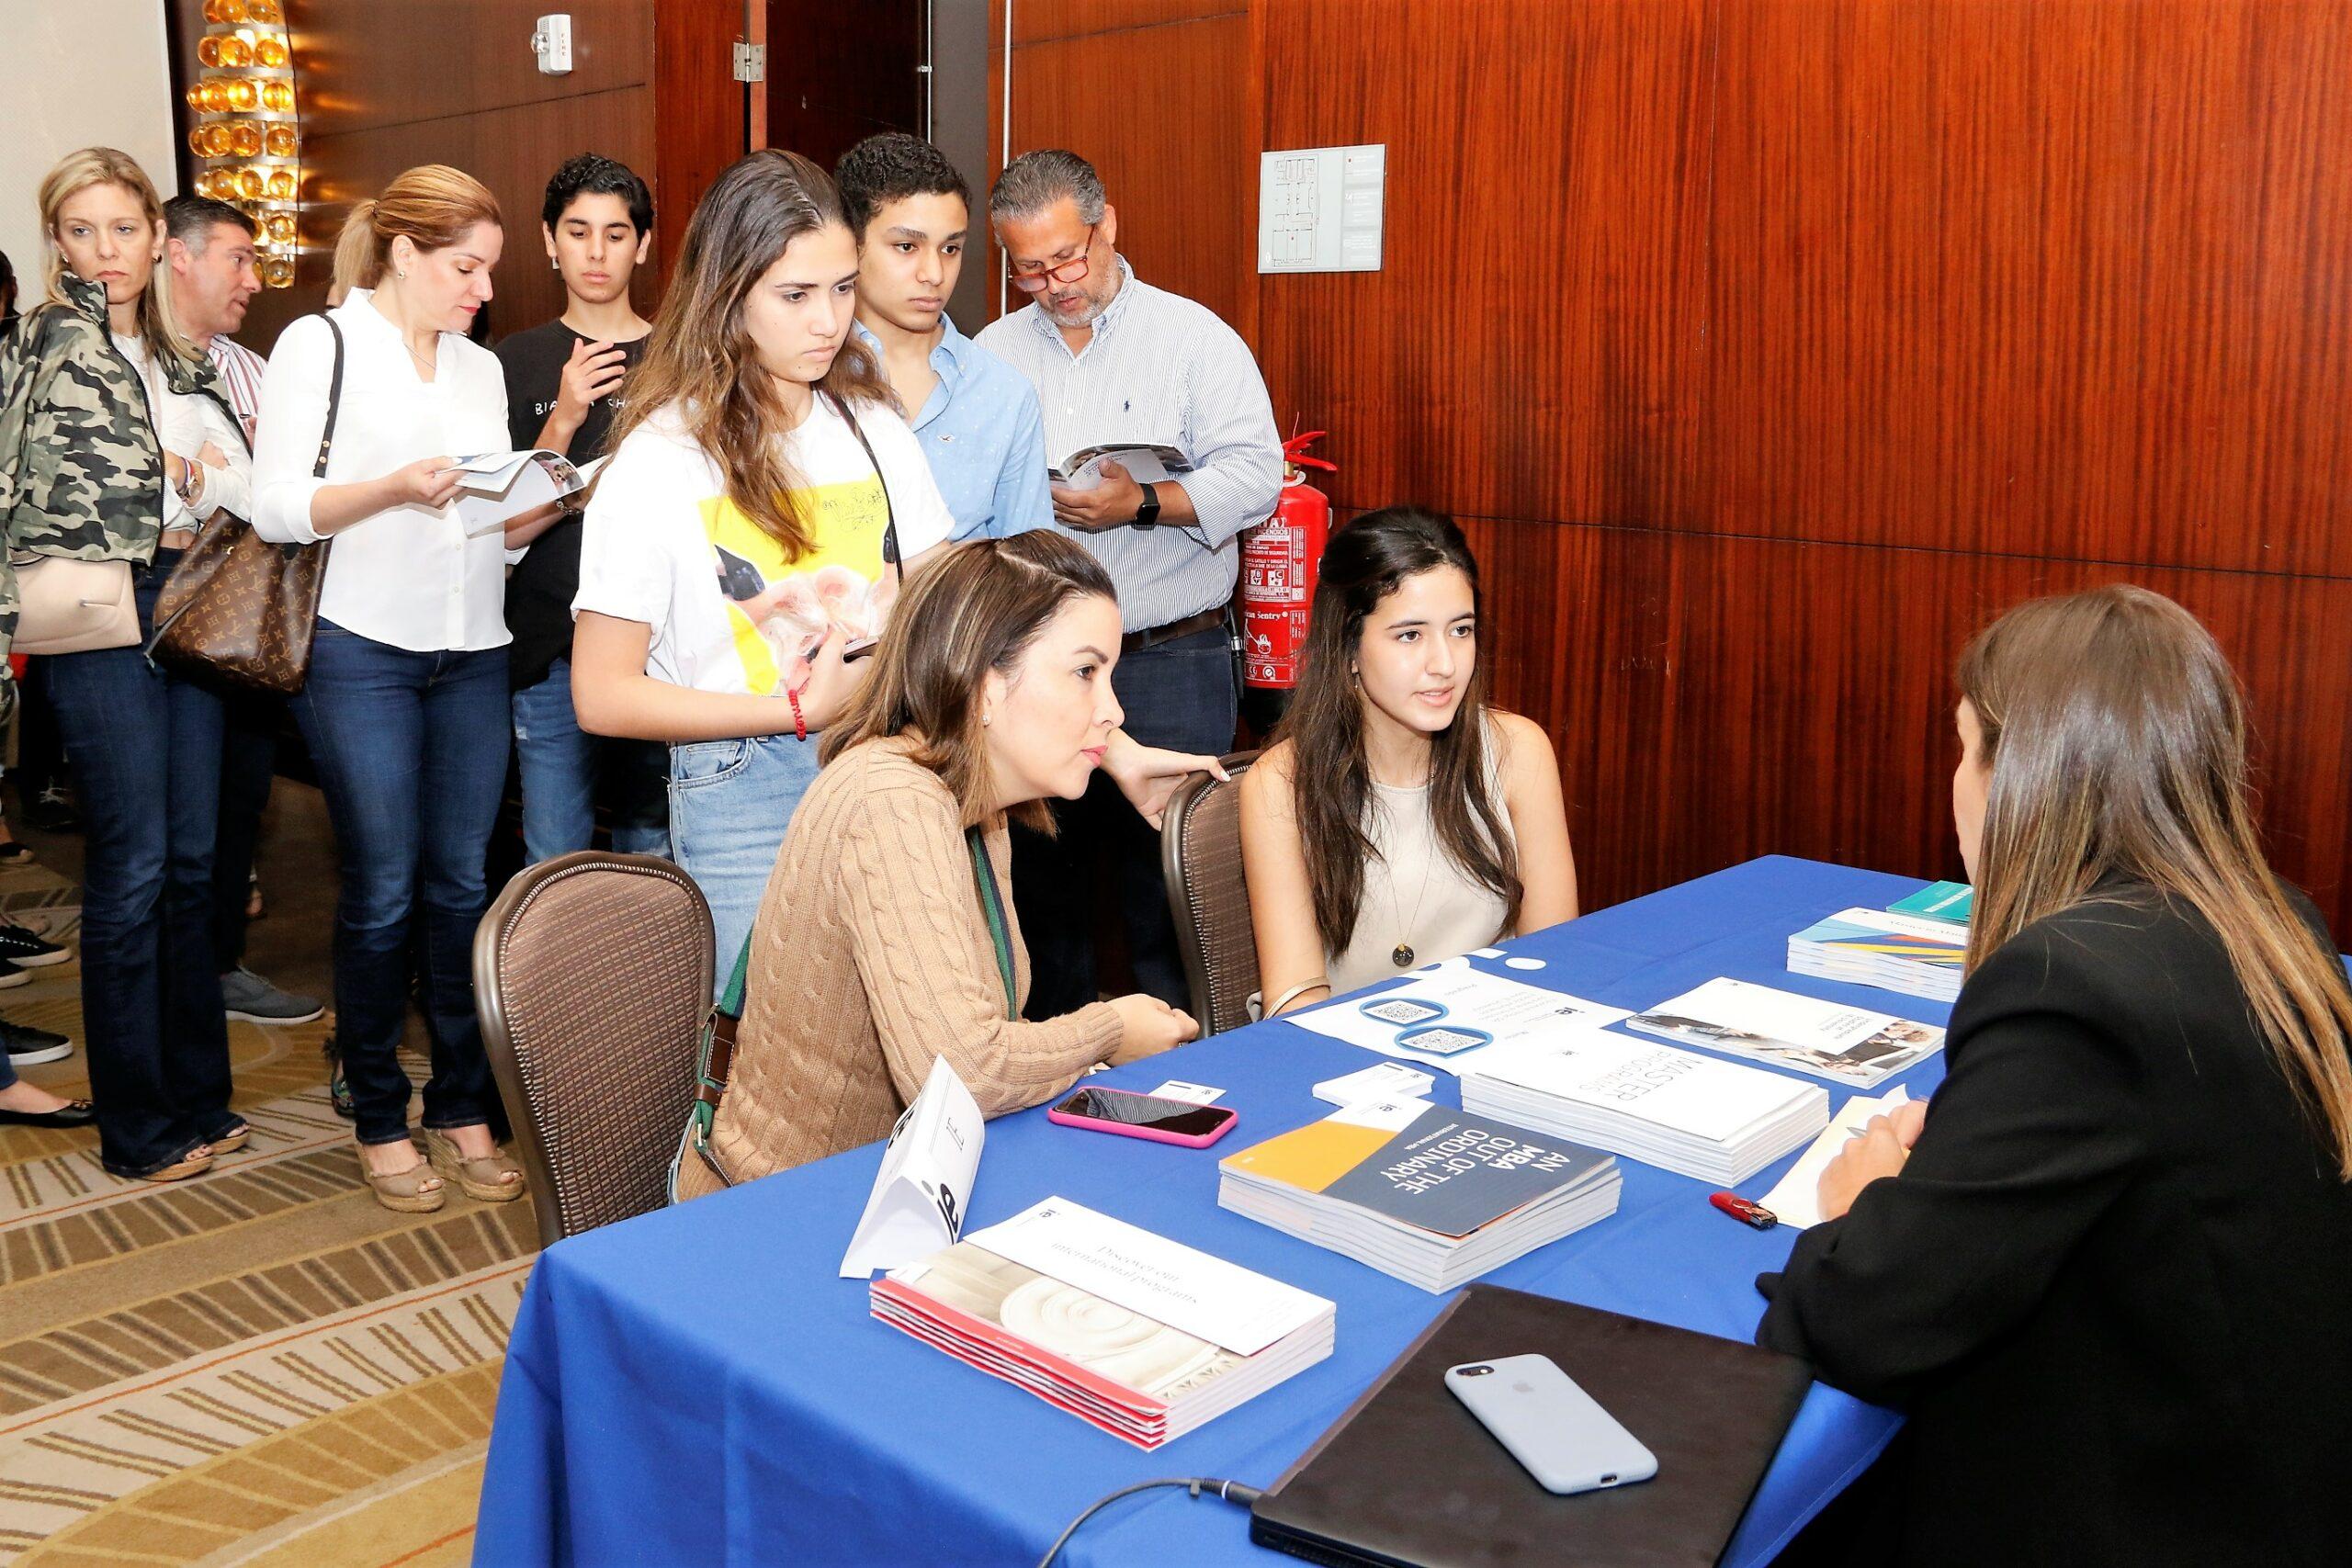 Feria de Universidades españolas organizada por la Cámara de Comercio de España.